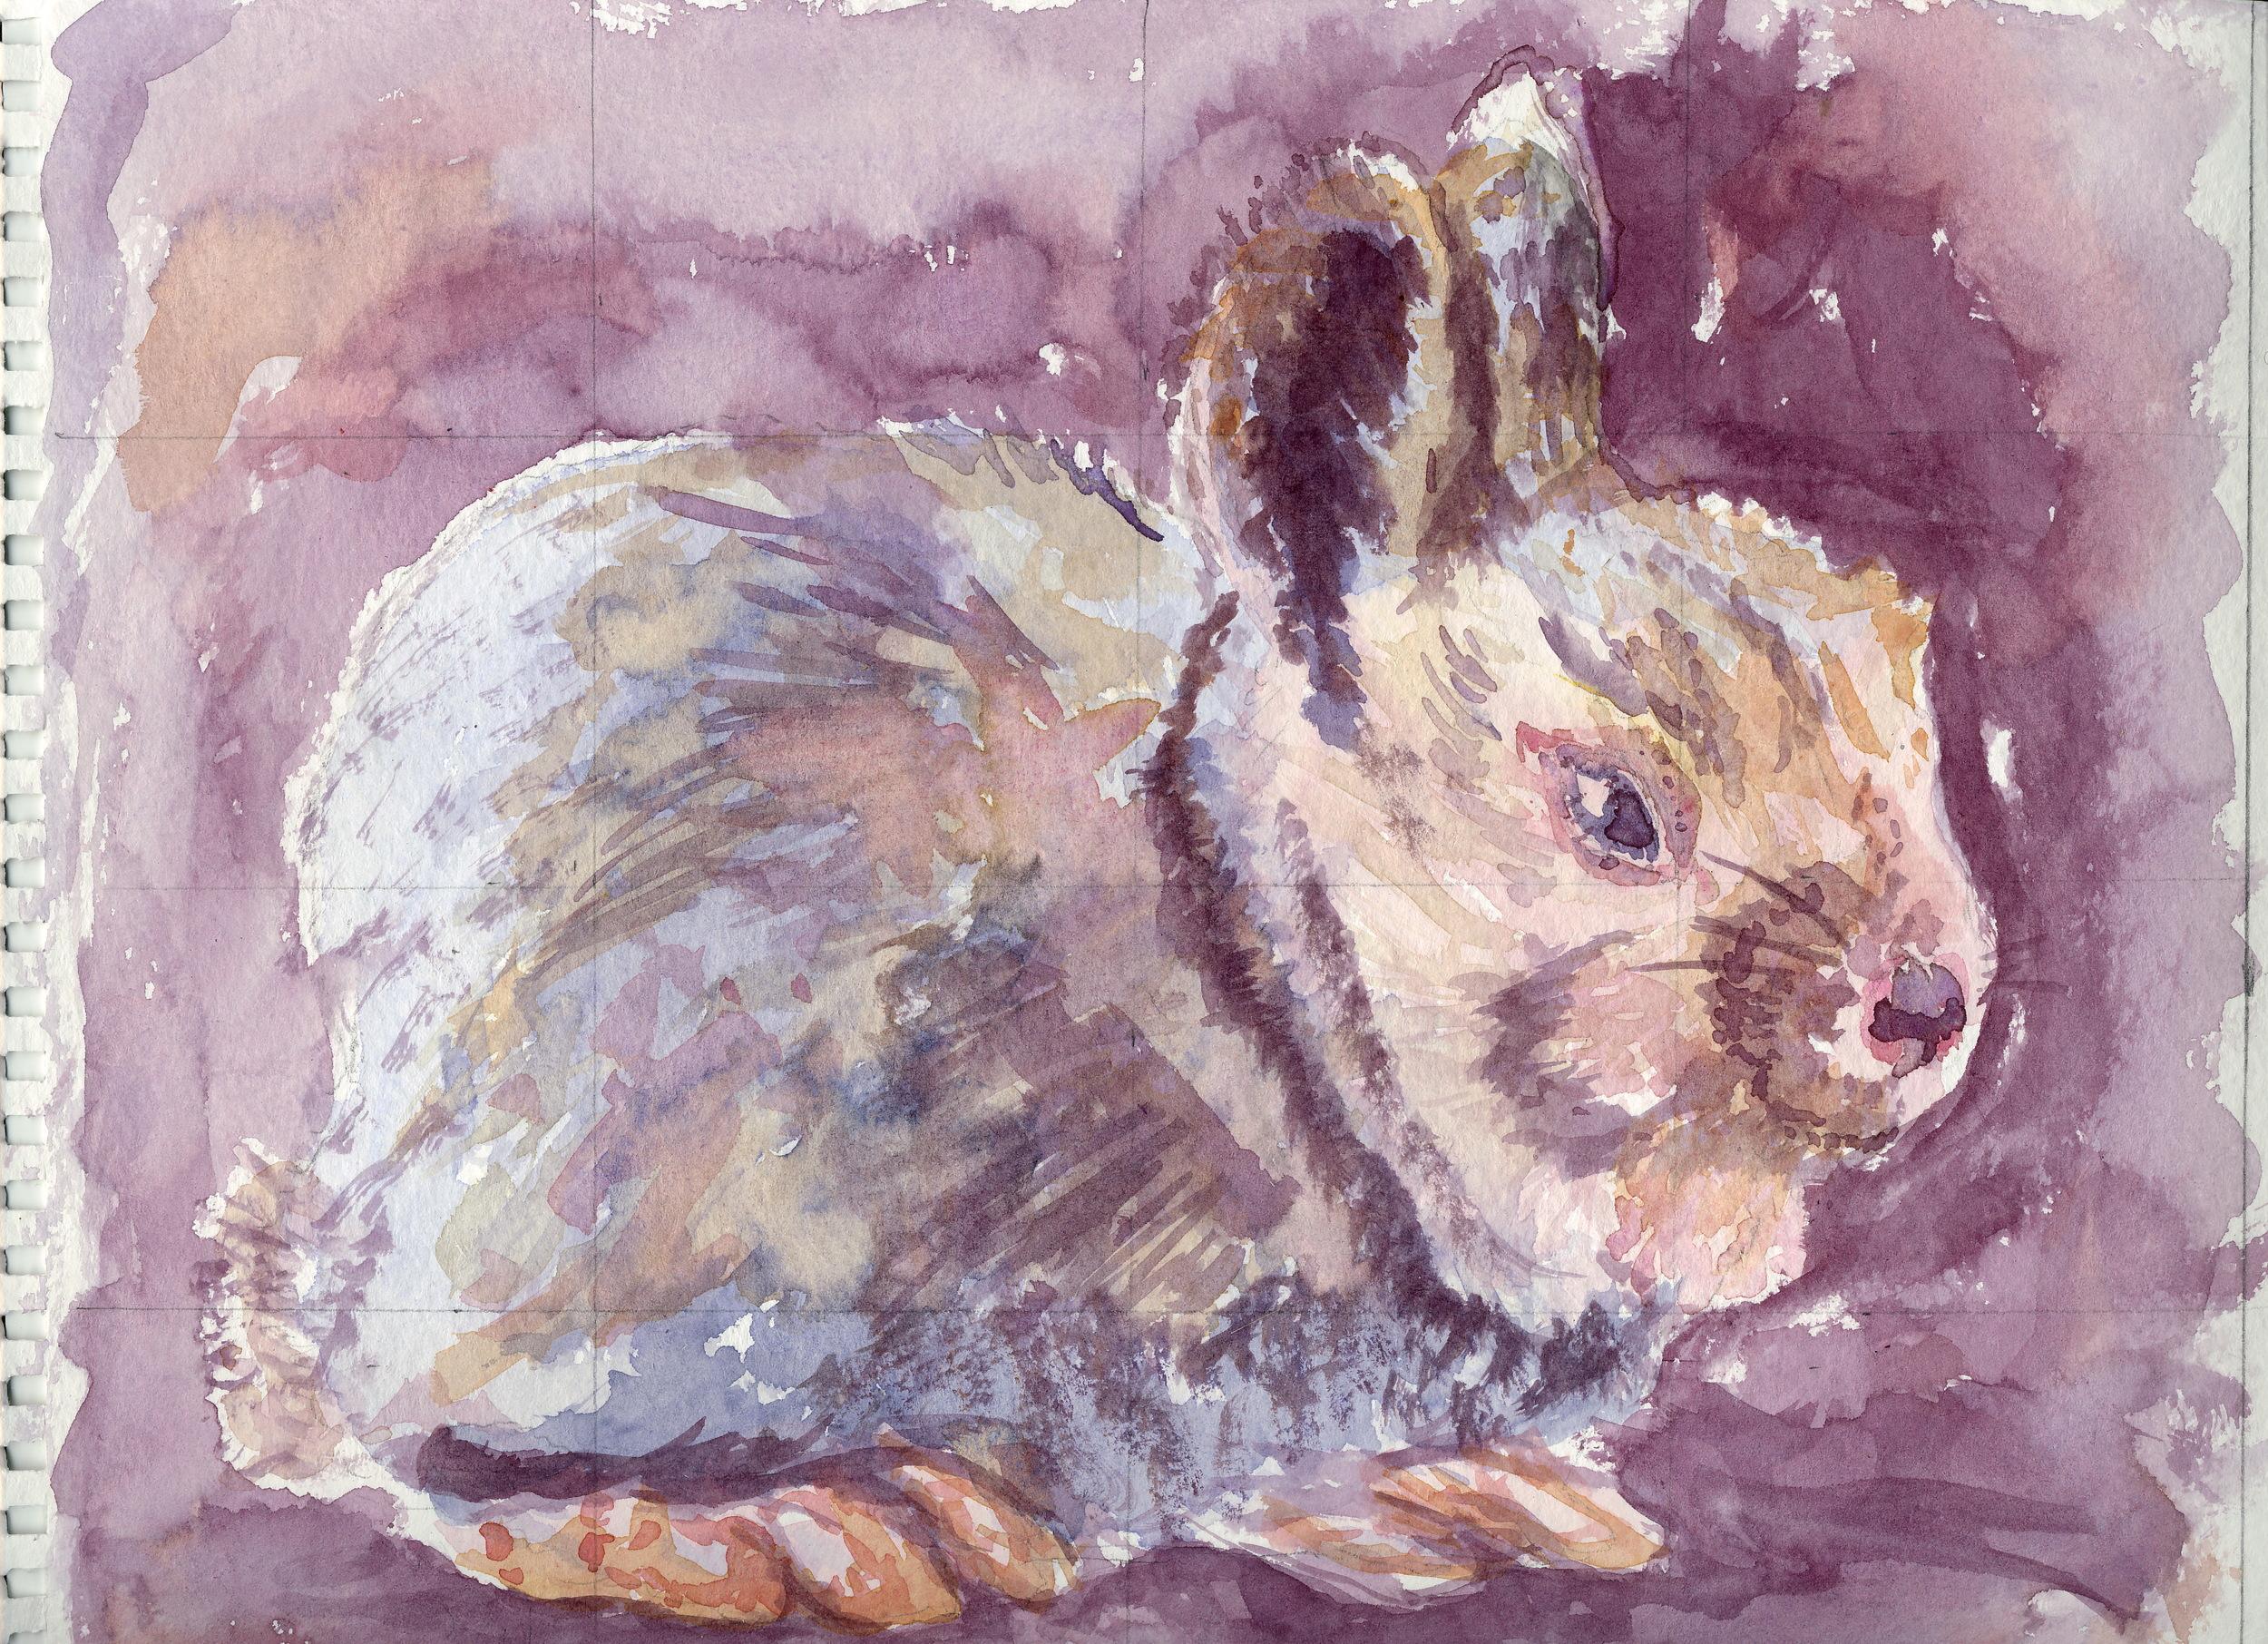 Violet Bunny